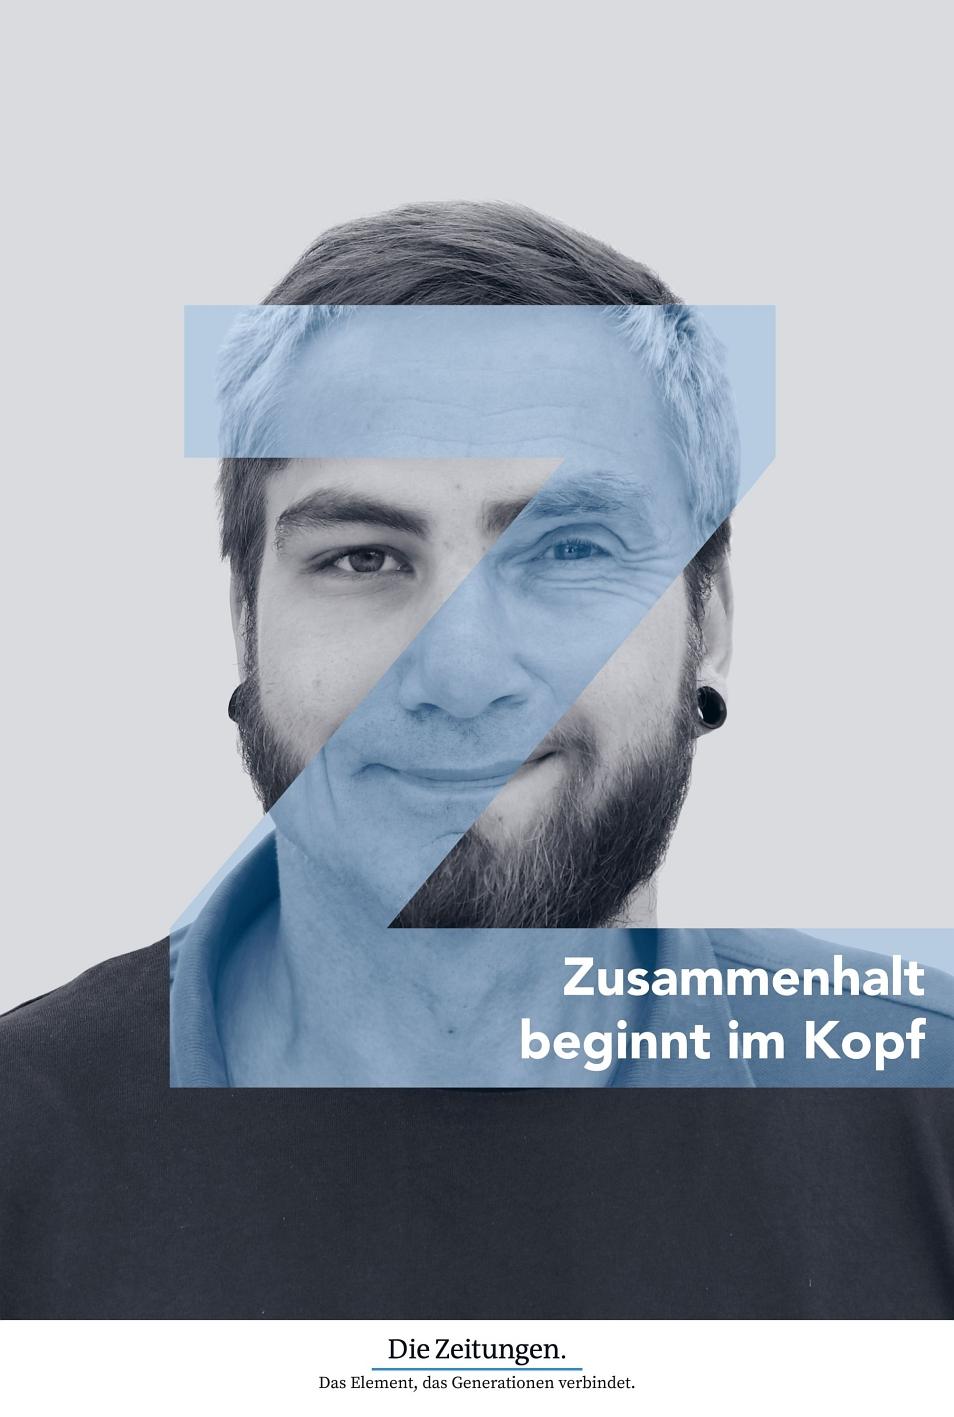 NCB-Zusammenhalt_beginnt_im_Kopf_ZW.indd